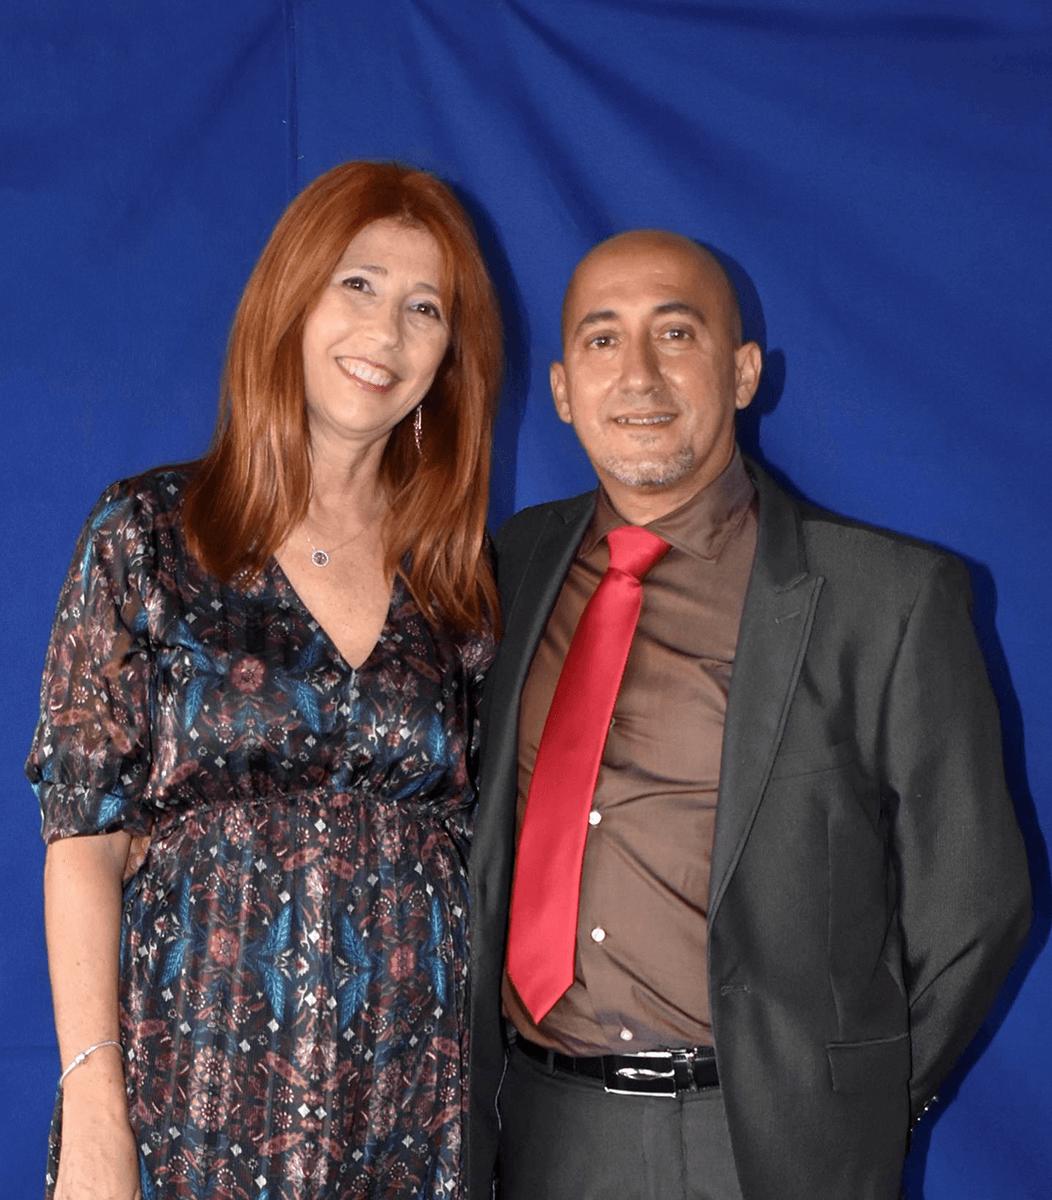 Miguel Ángel Chaparro y Loli Alcaraz   Centro de Vida Cristiana